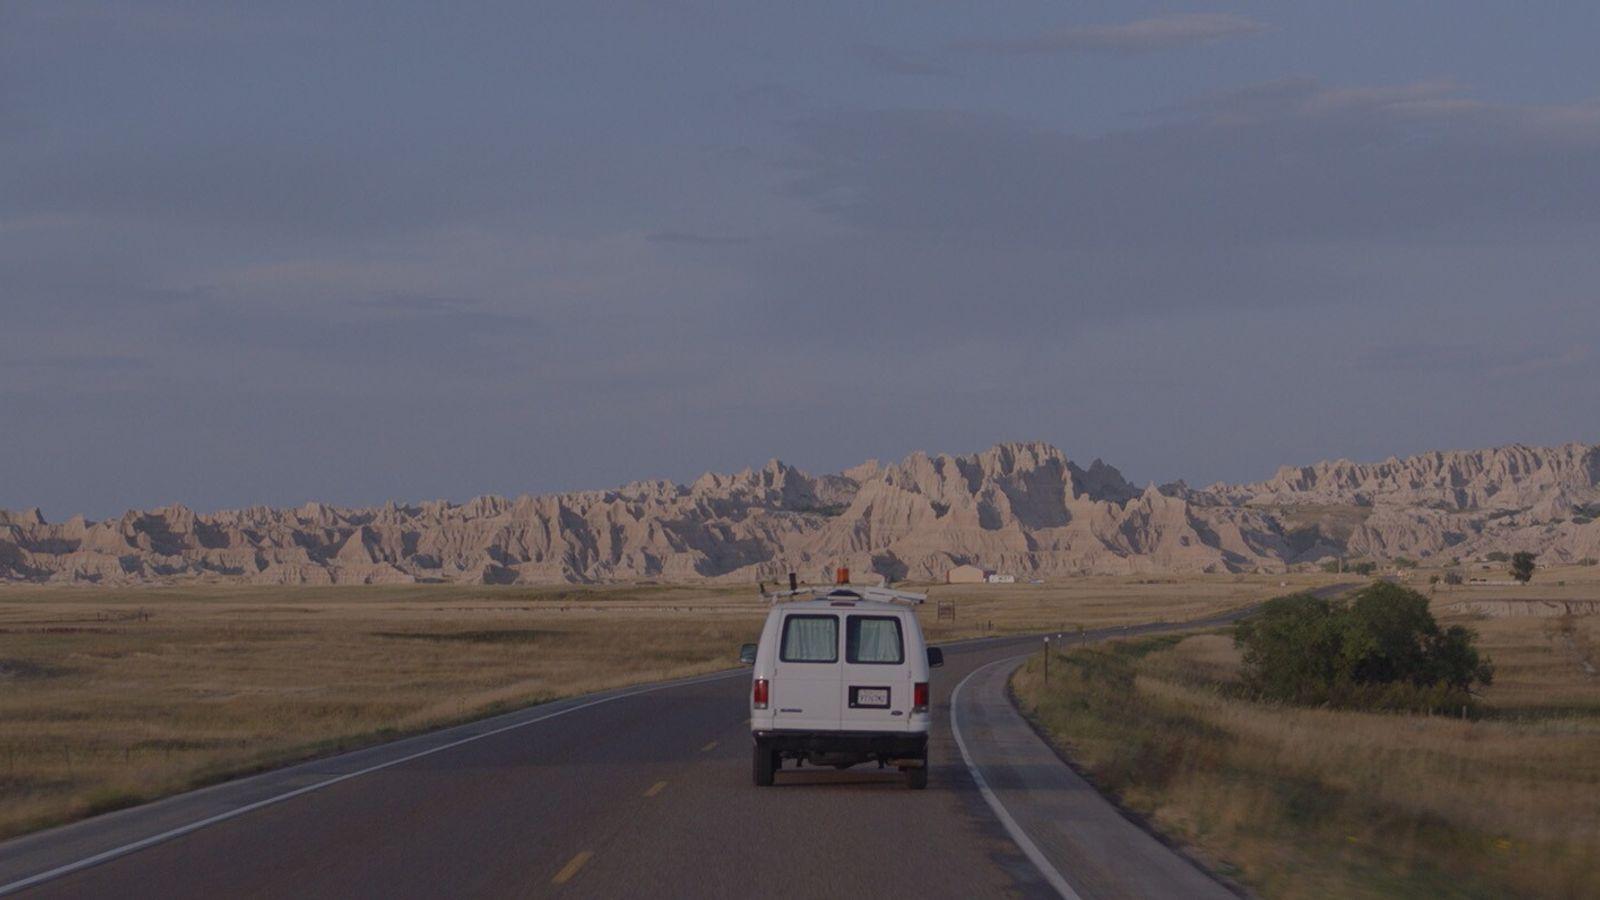 Filmische Einblicke in das Leben moderner Nomaden in den USA.